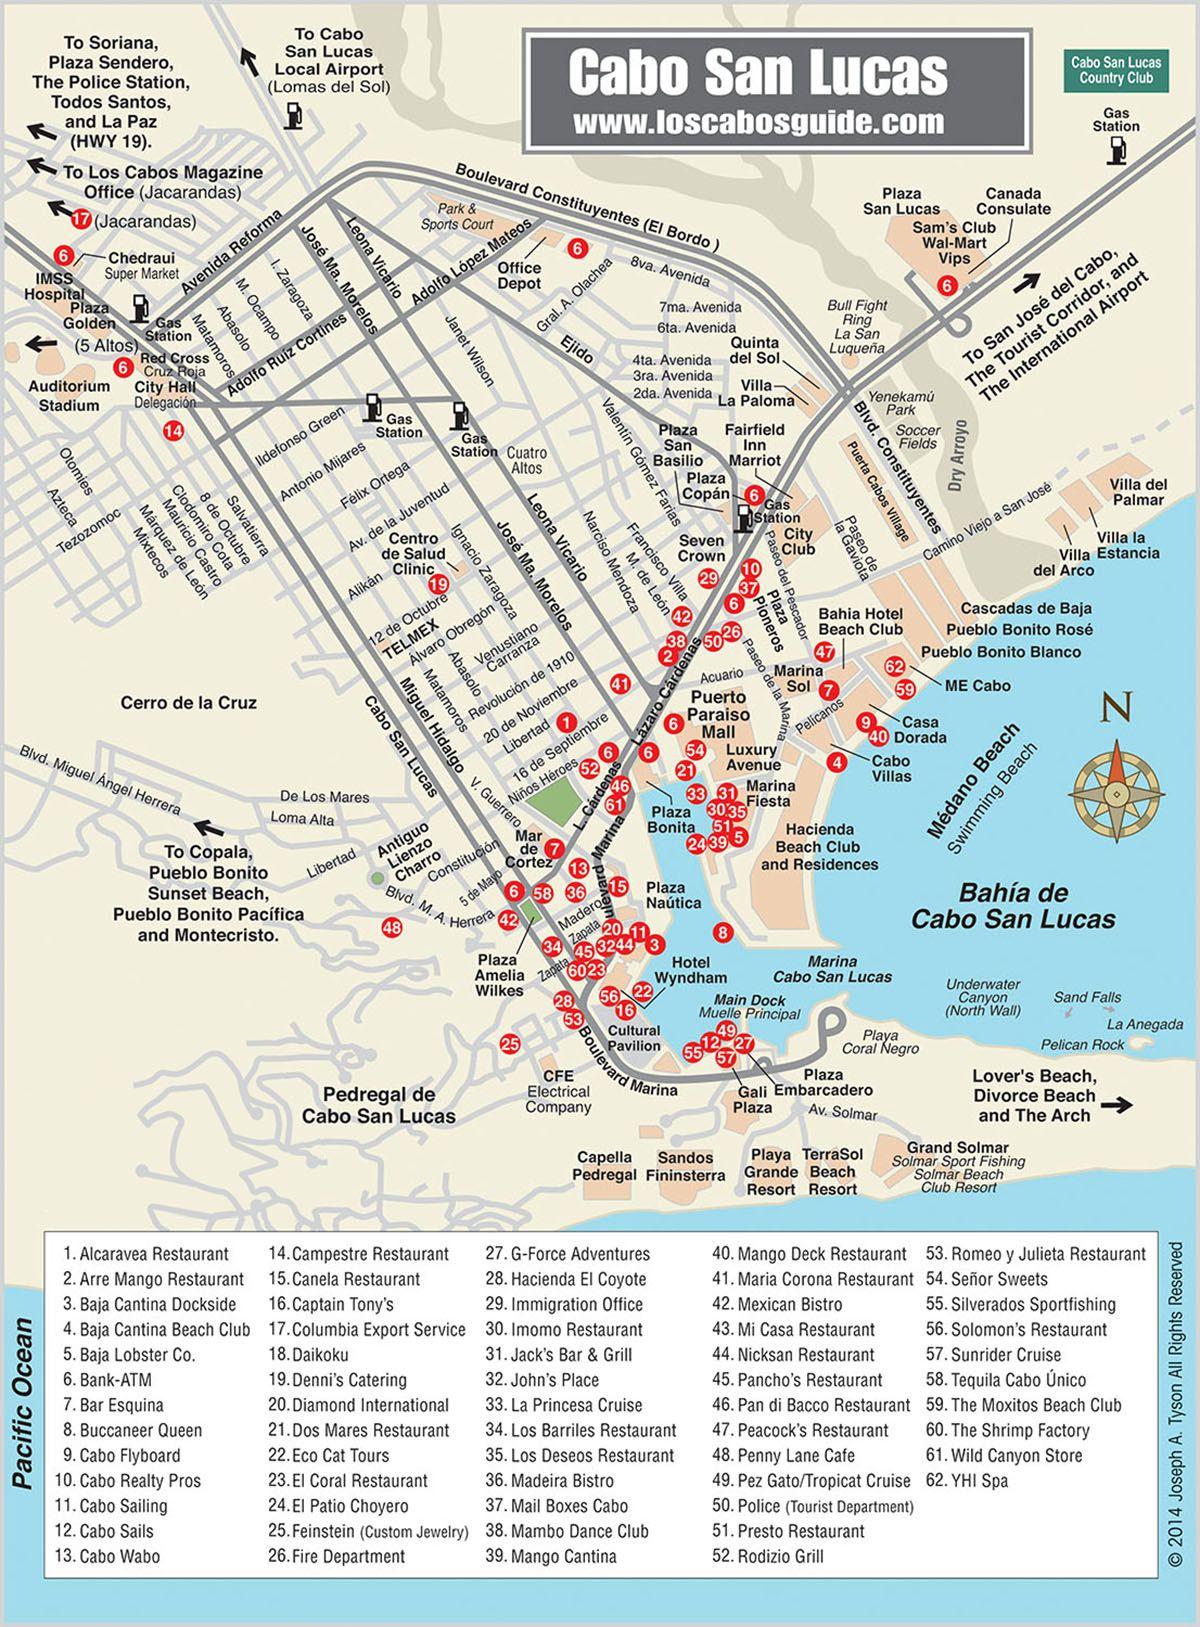 Cabo San Lucas Map - Los Cabos Guide | El Zalante 101 Our Cabo Condo Cabo San Lucas Marina Map on